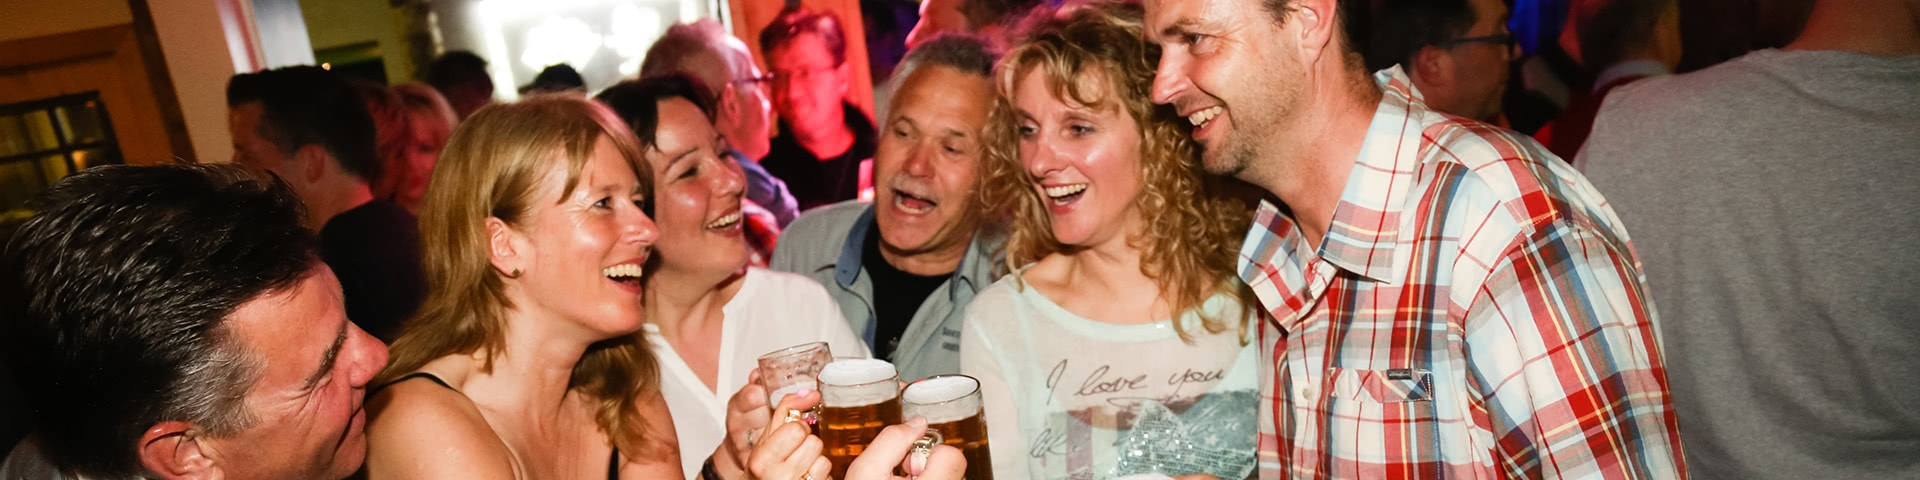 Gemeinsames Bier trinekn in Olsberg